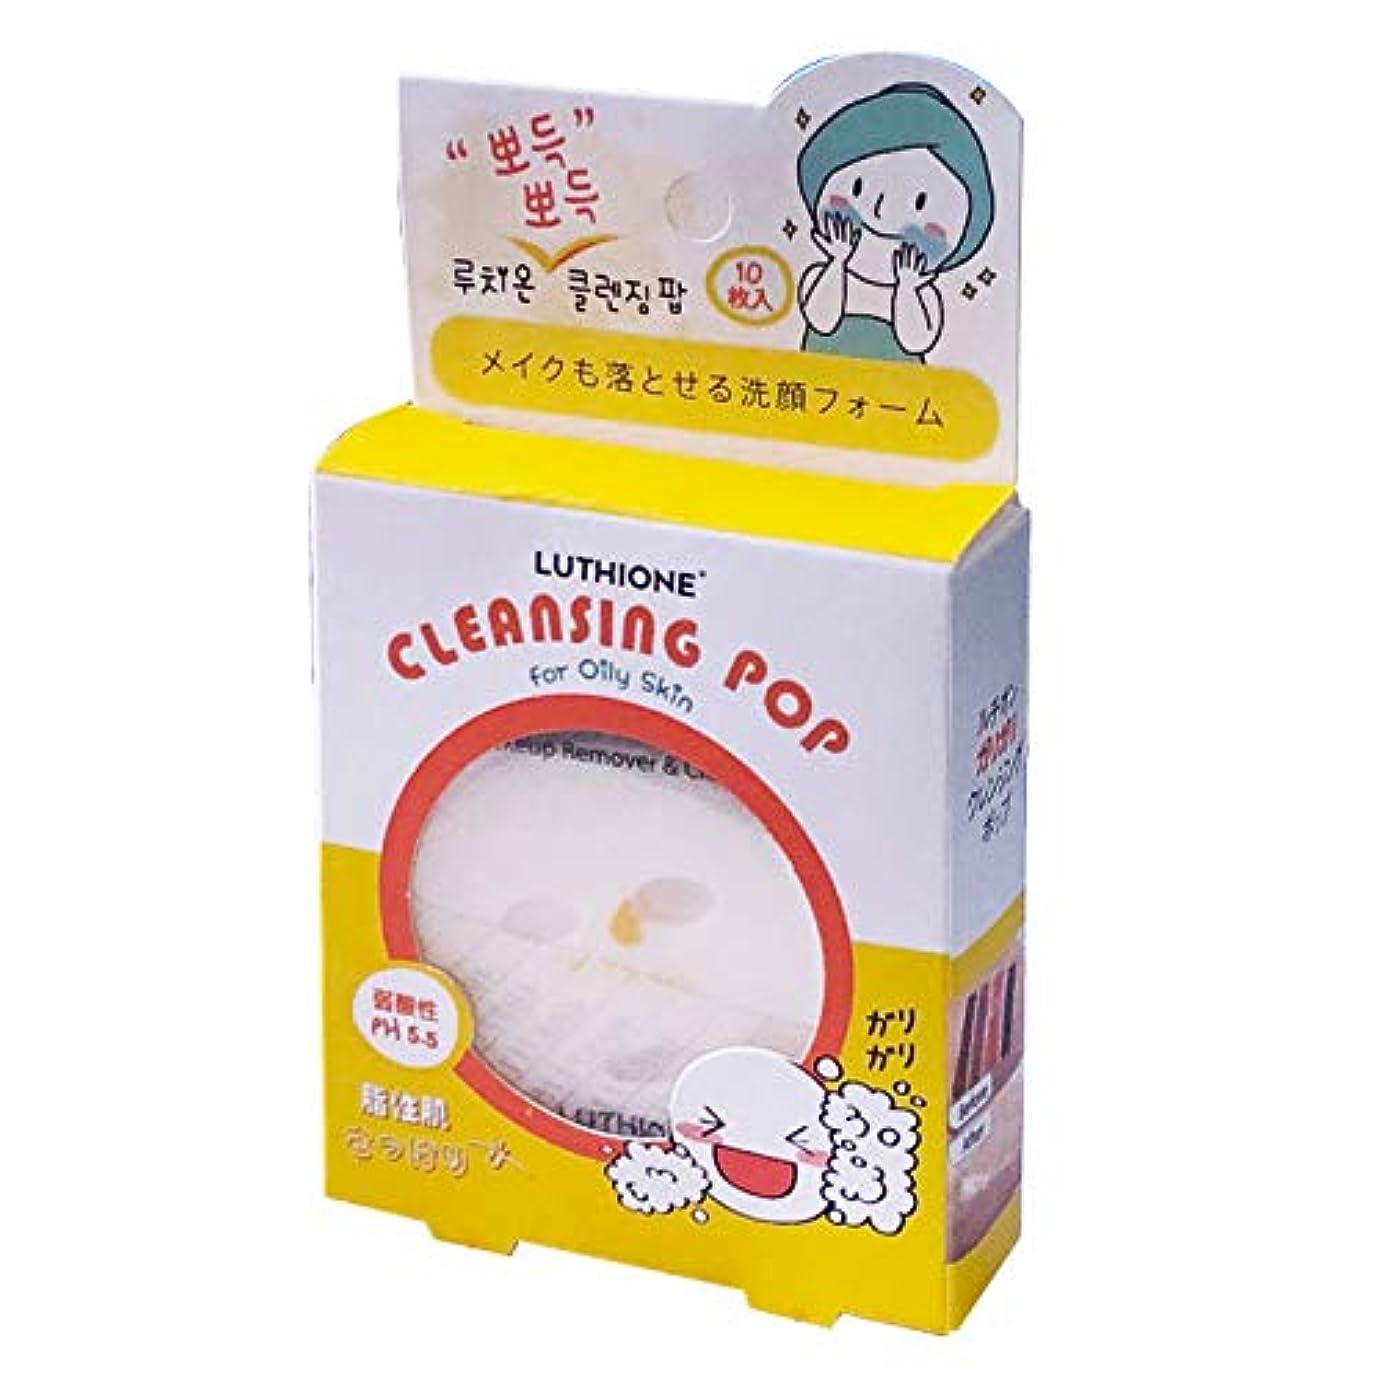 いつかやりすぎ嫌がらせ【まとめ買い】ルチオン クレンジングポップ (LUTHIONE CLEANSING POP) 脂性肌 10枚入り ×2個